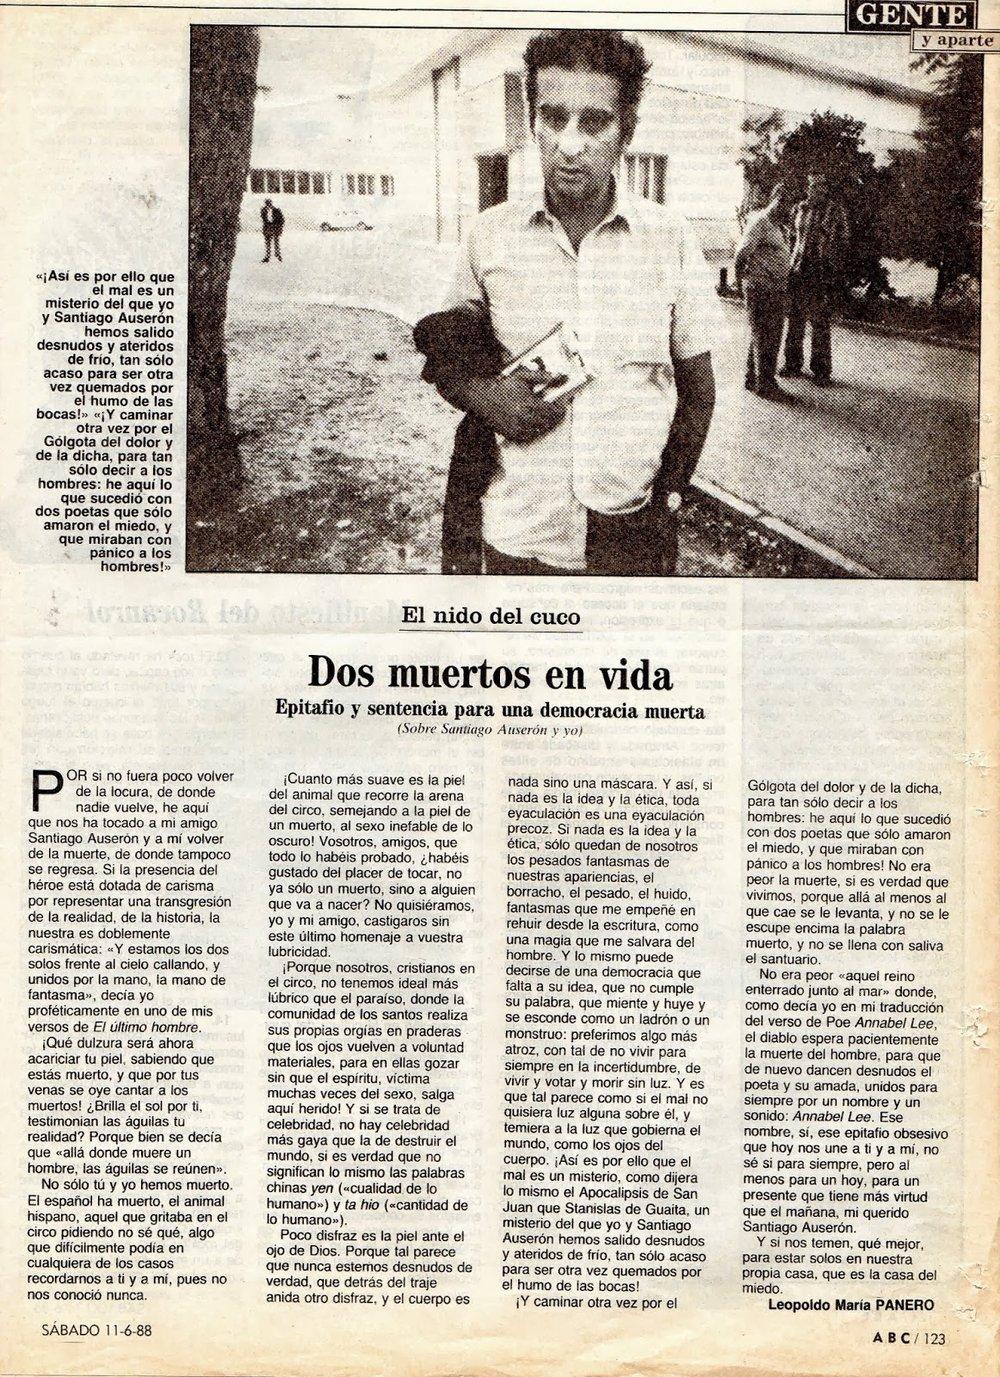 El artículo de Panero dedicado a Santiago Auserón ( ABC , 11 de junio de 1988)